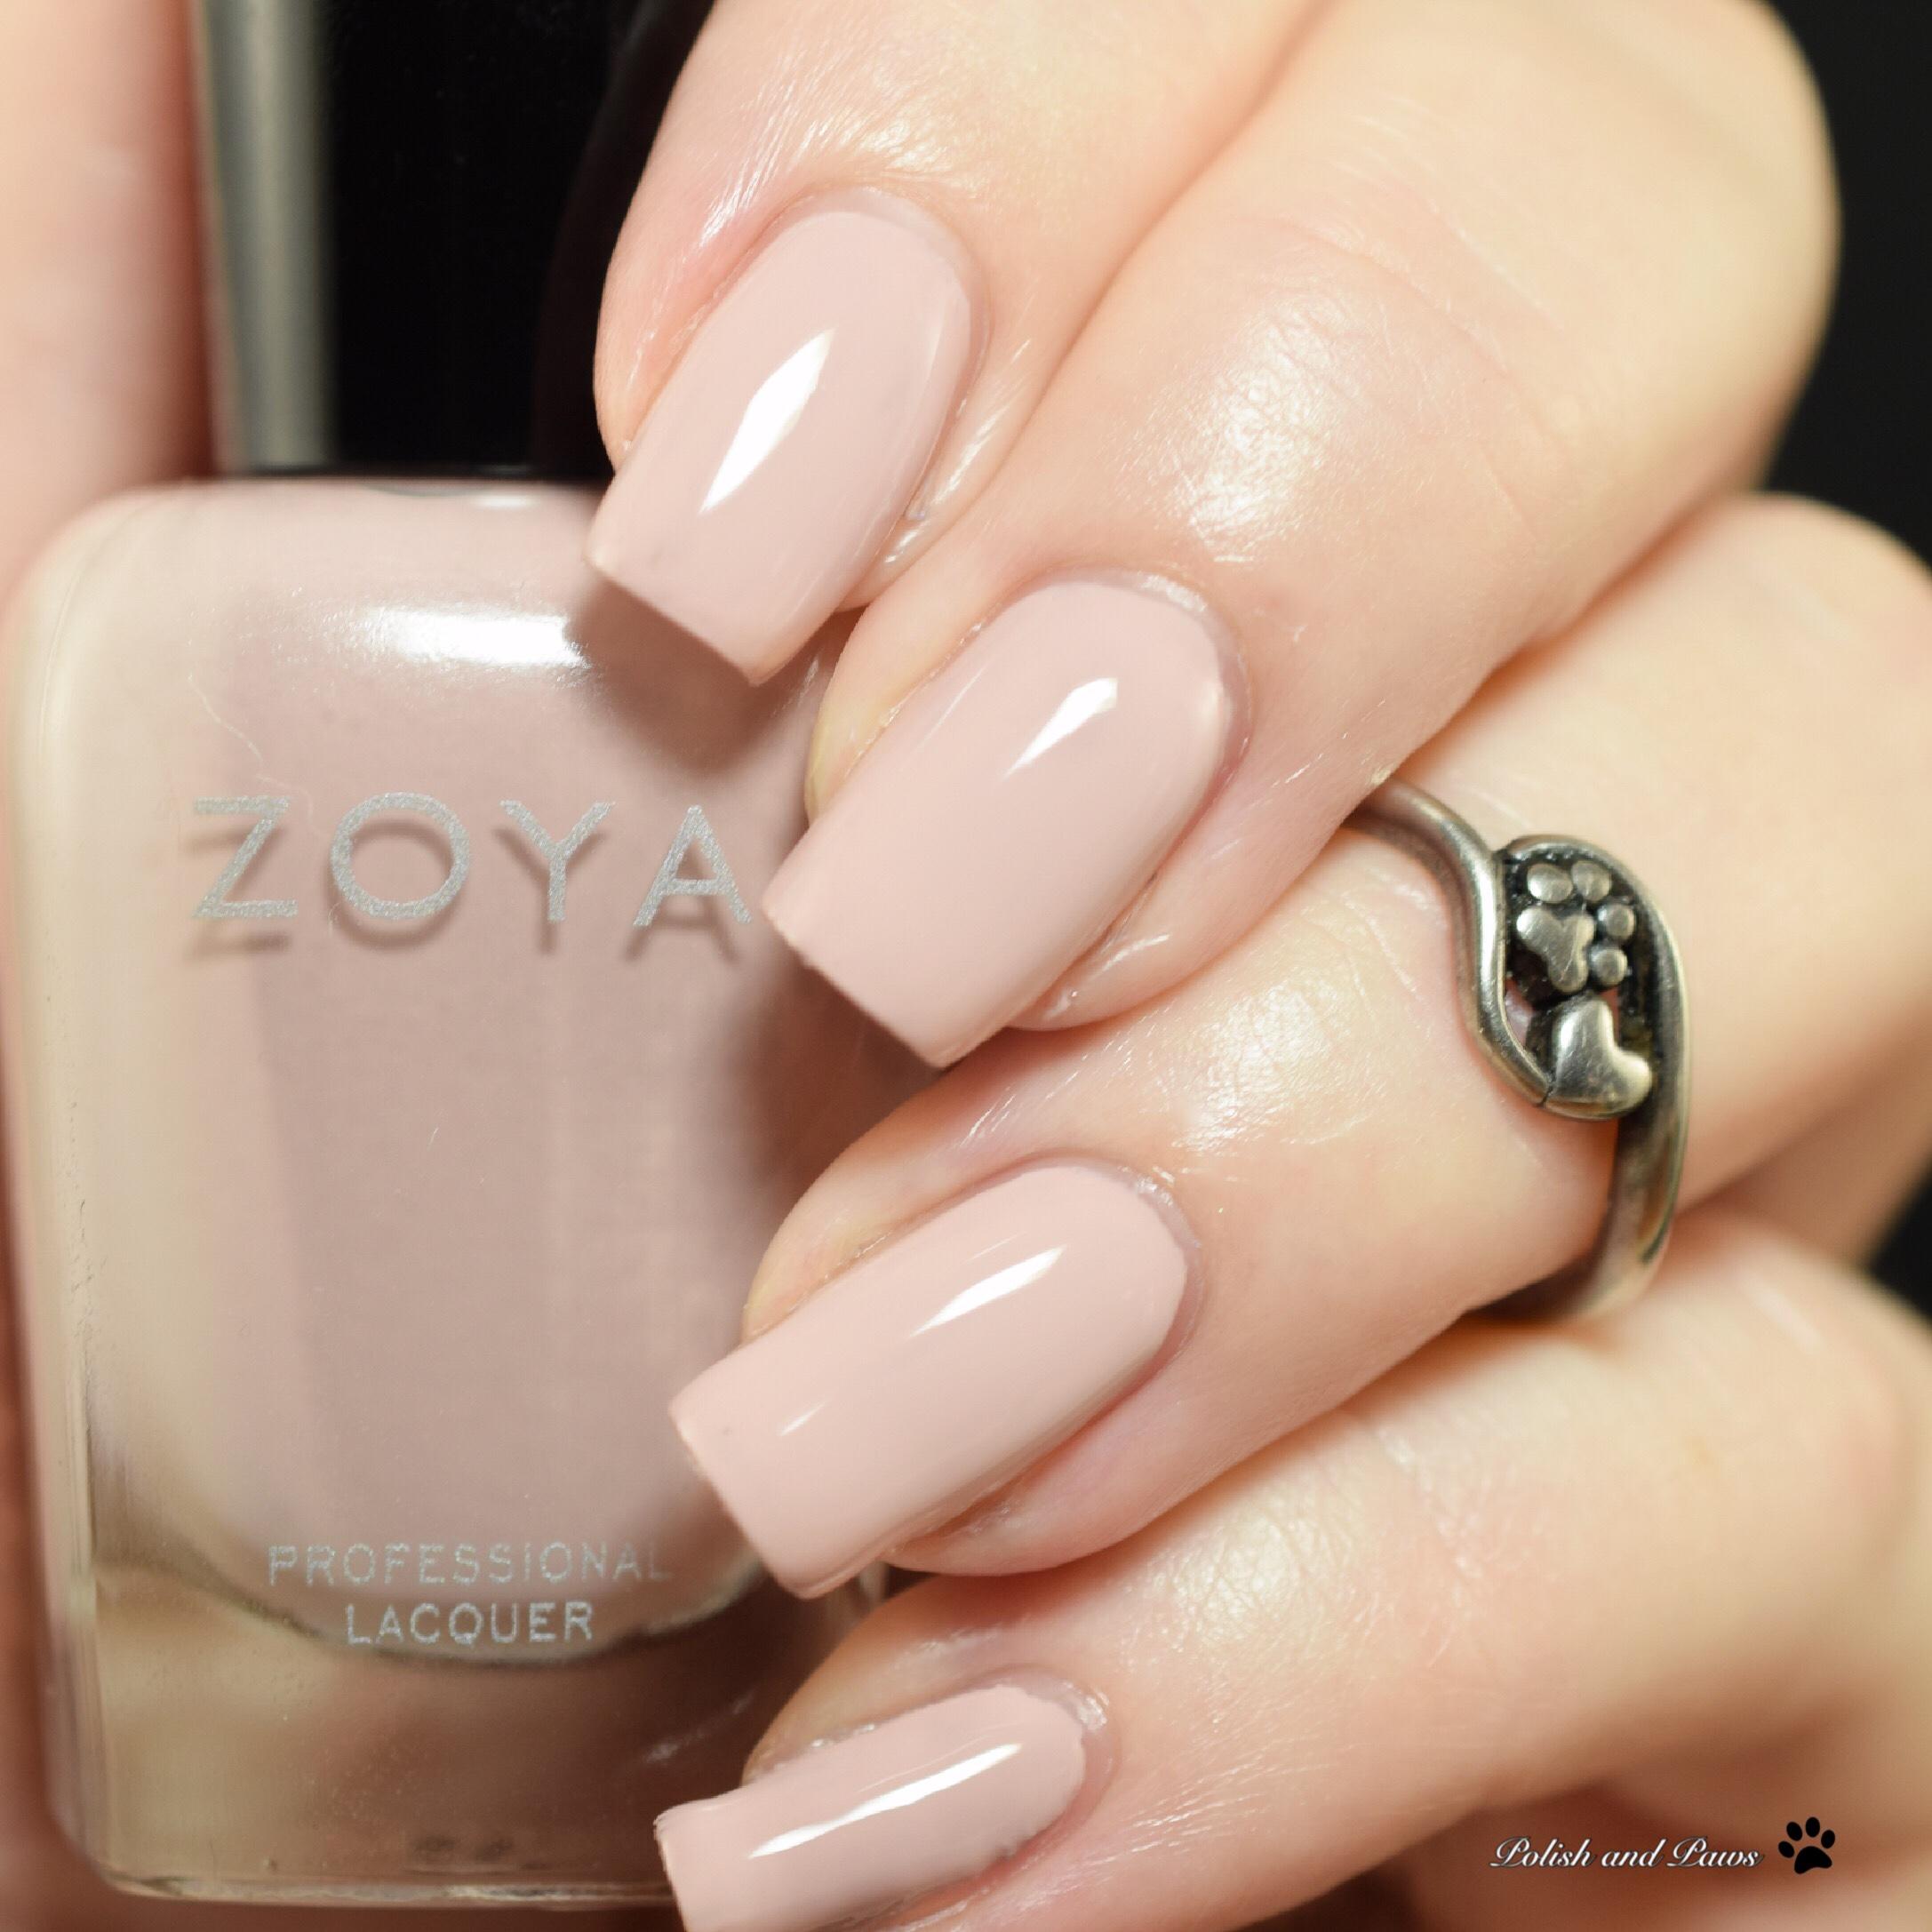 Zoya Agnes